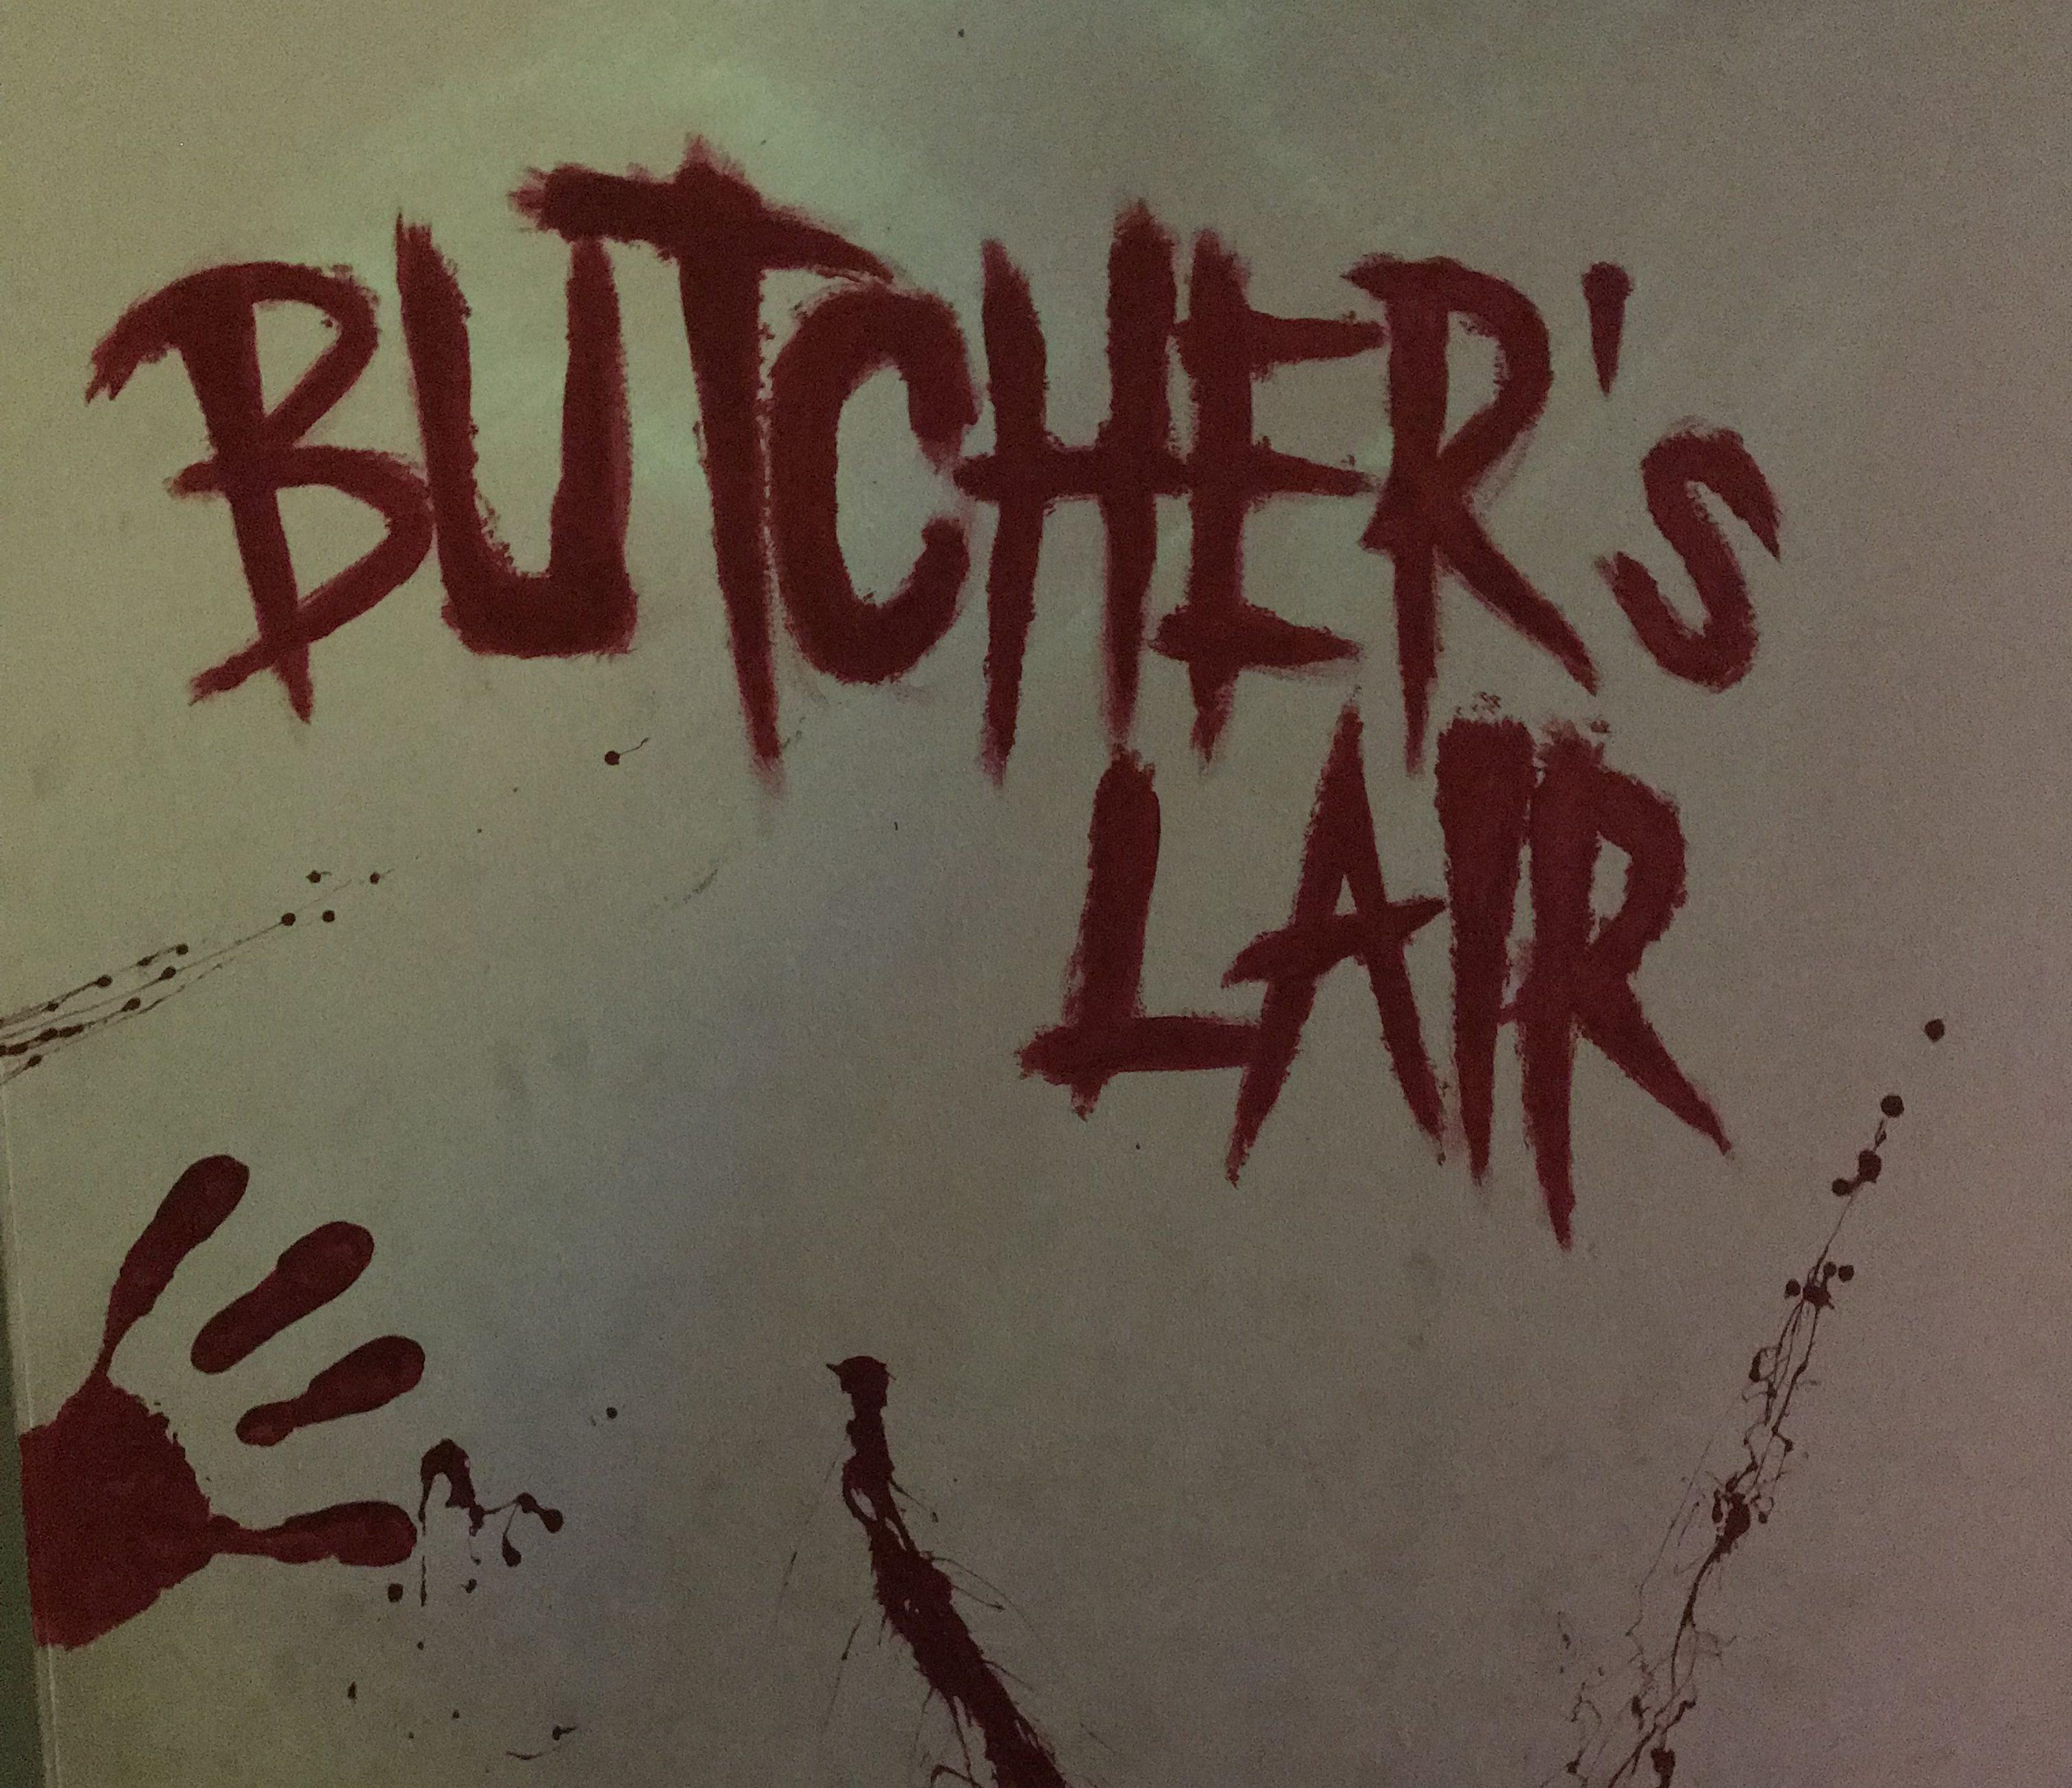 butchers liar escape rooms